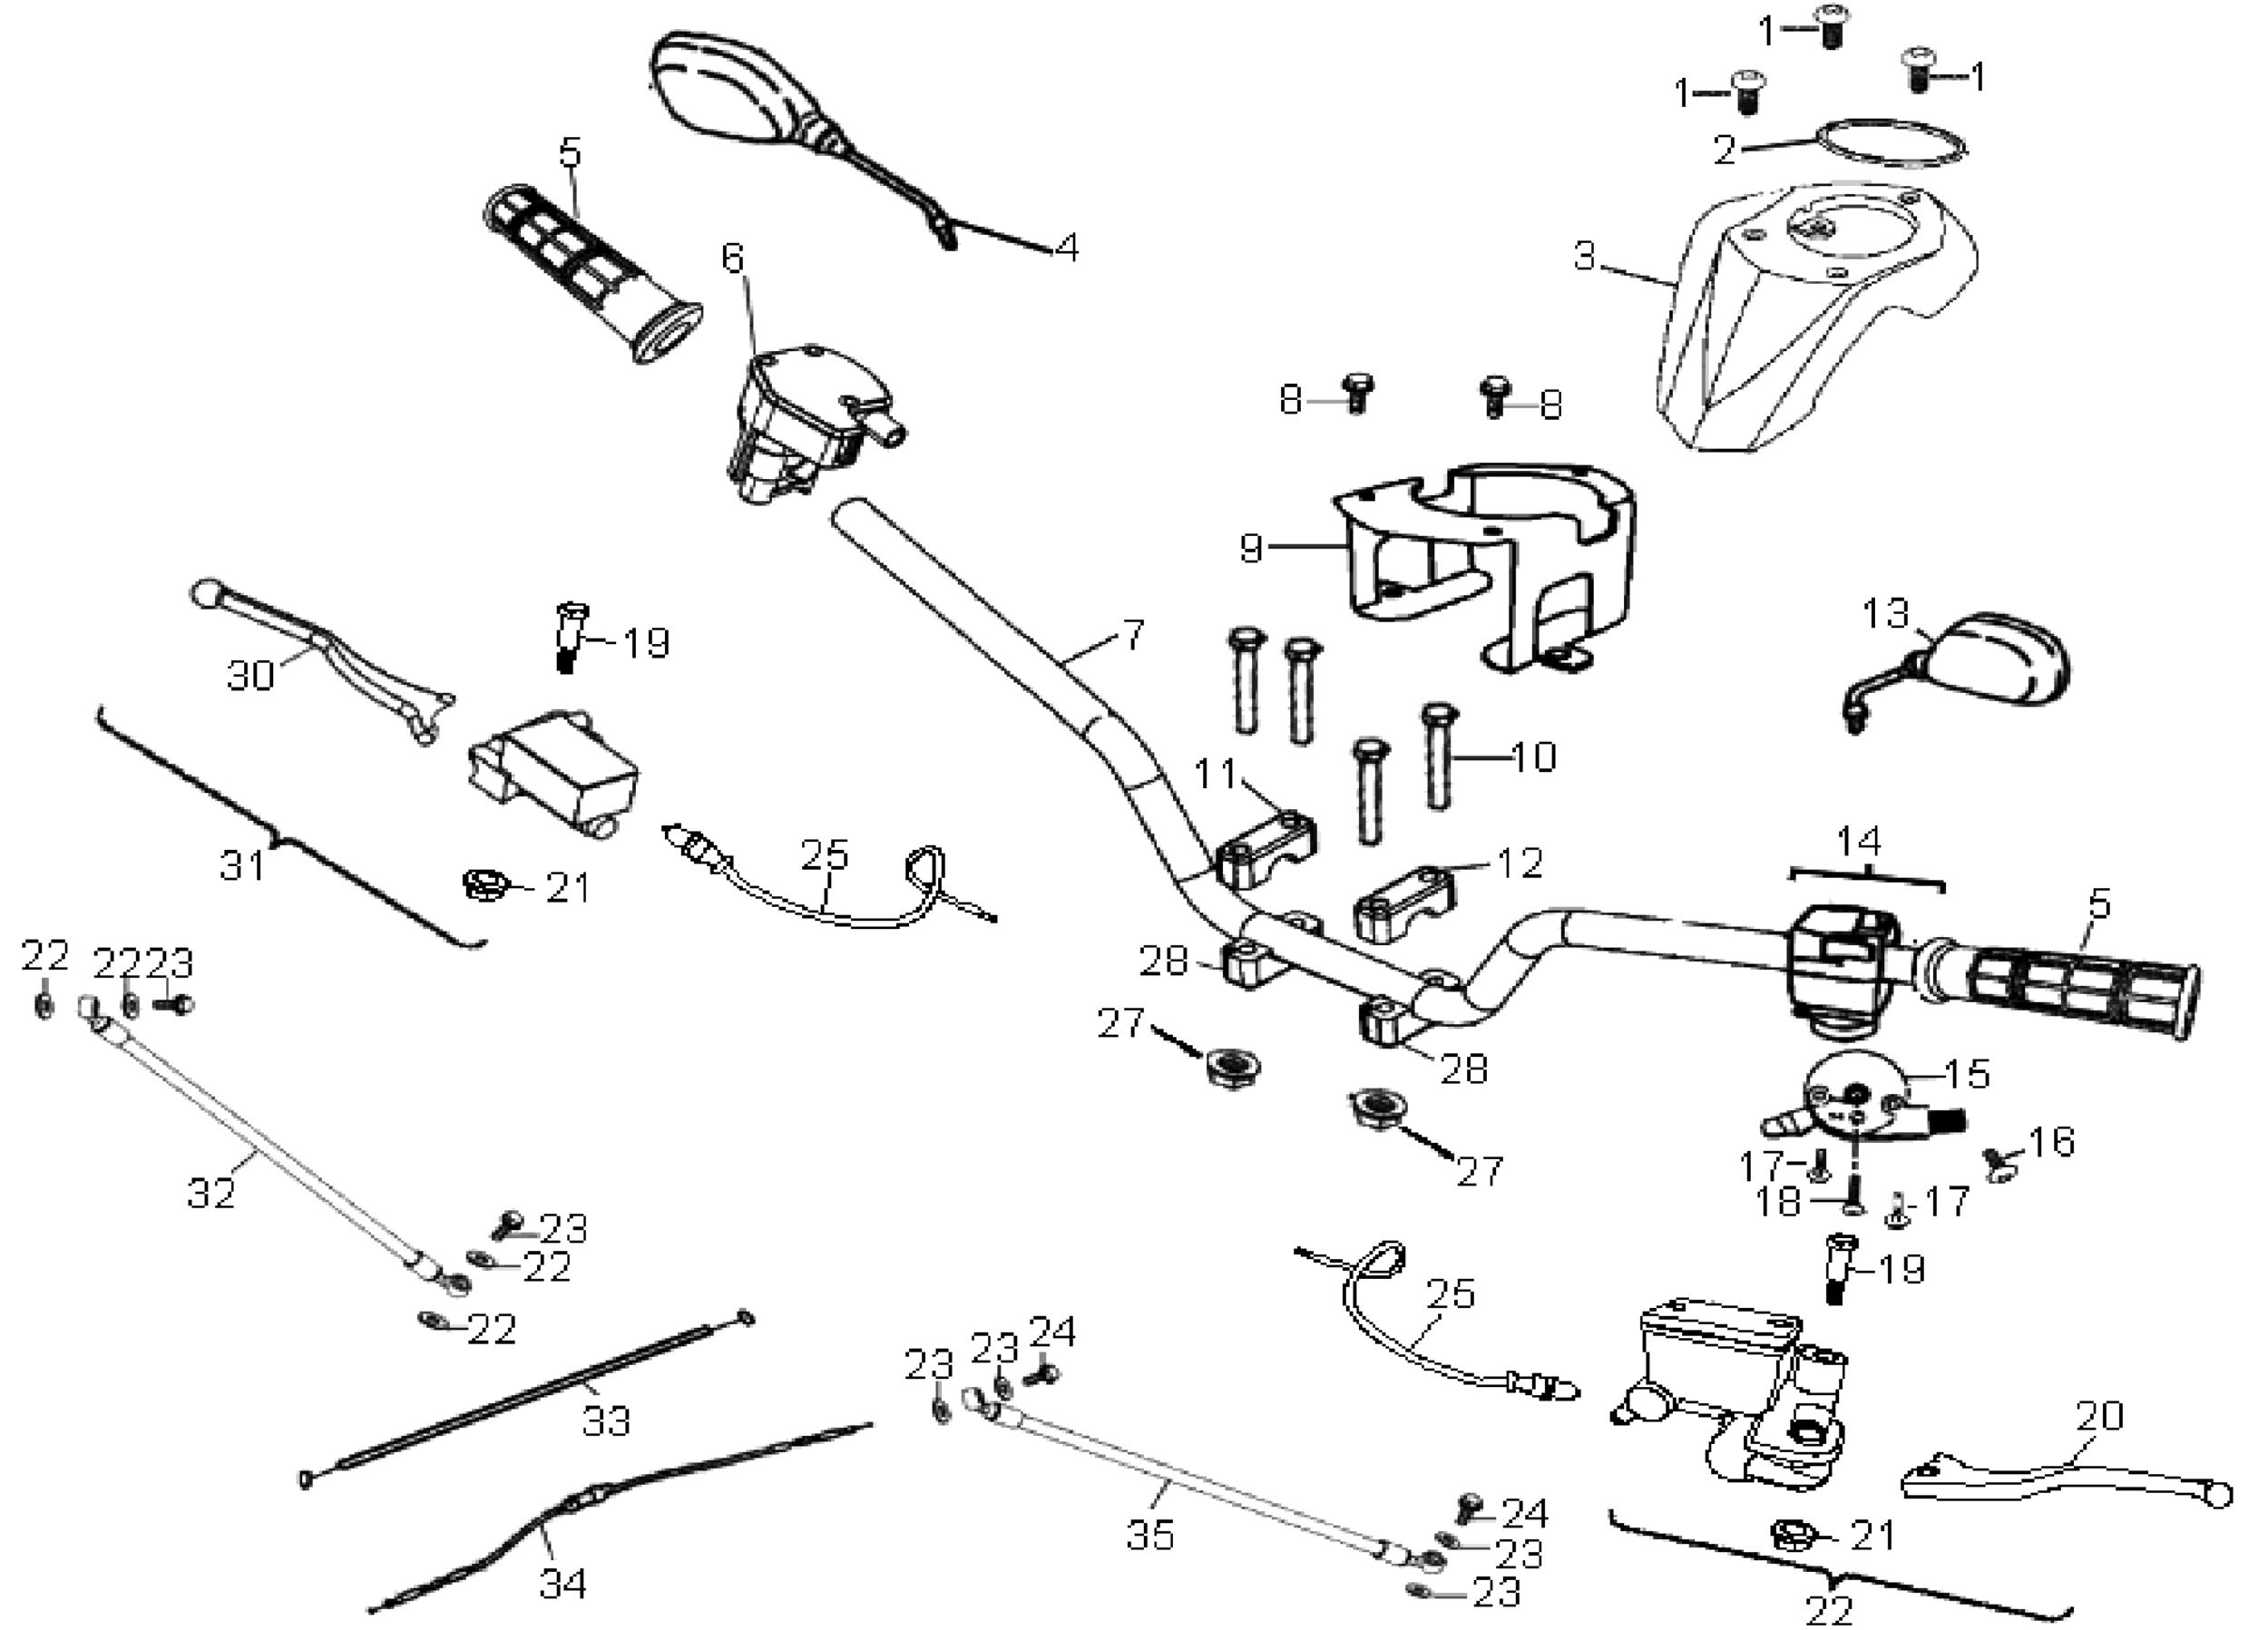 Lenker / Züge / Griffe / Schalter / Spiegel